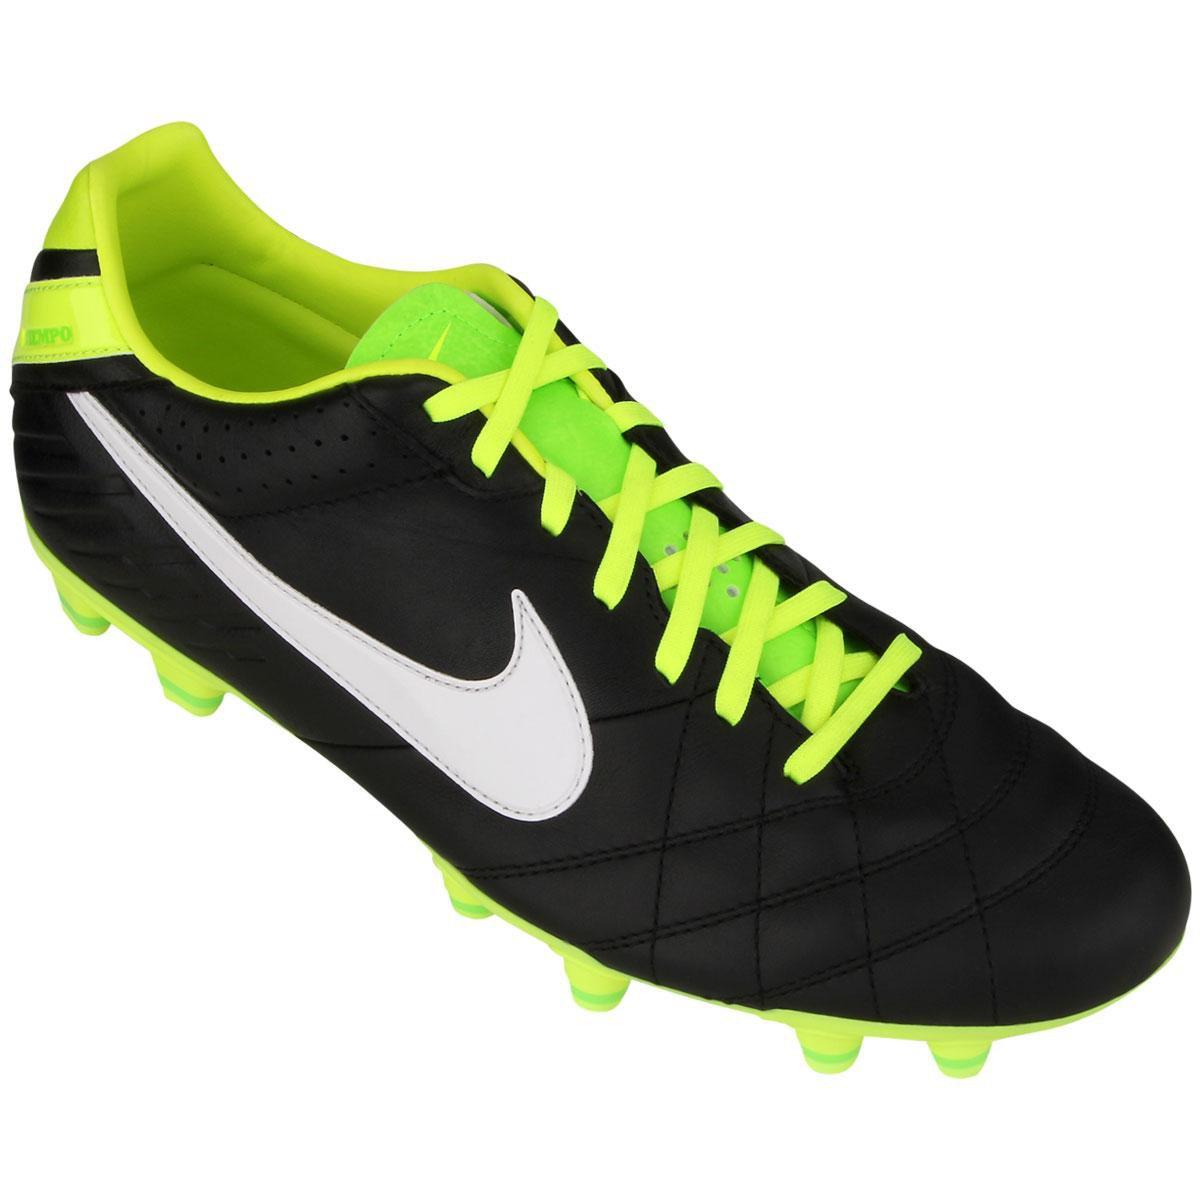 013d0ee832f49 Chuteira Nike Tiempo Mystic 4 FG - Compre Agora